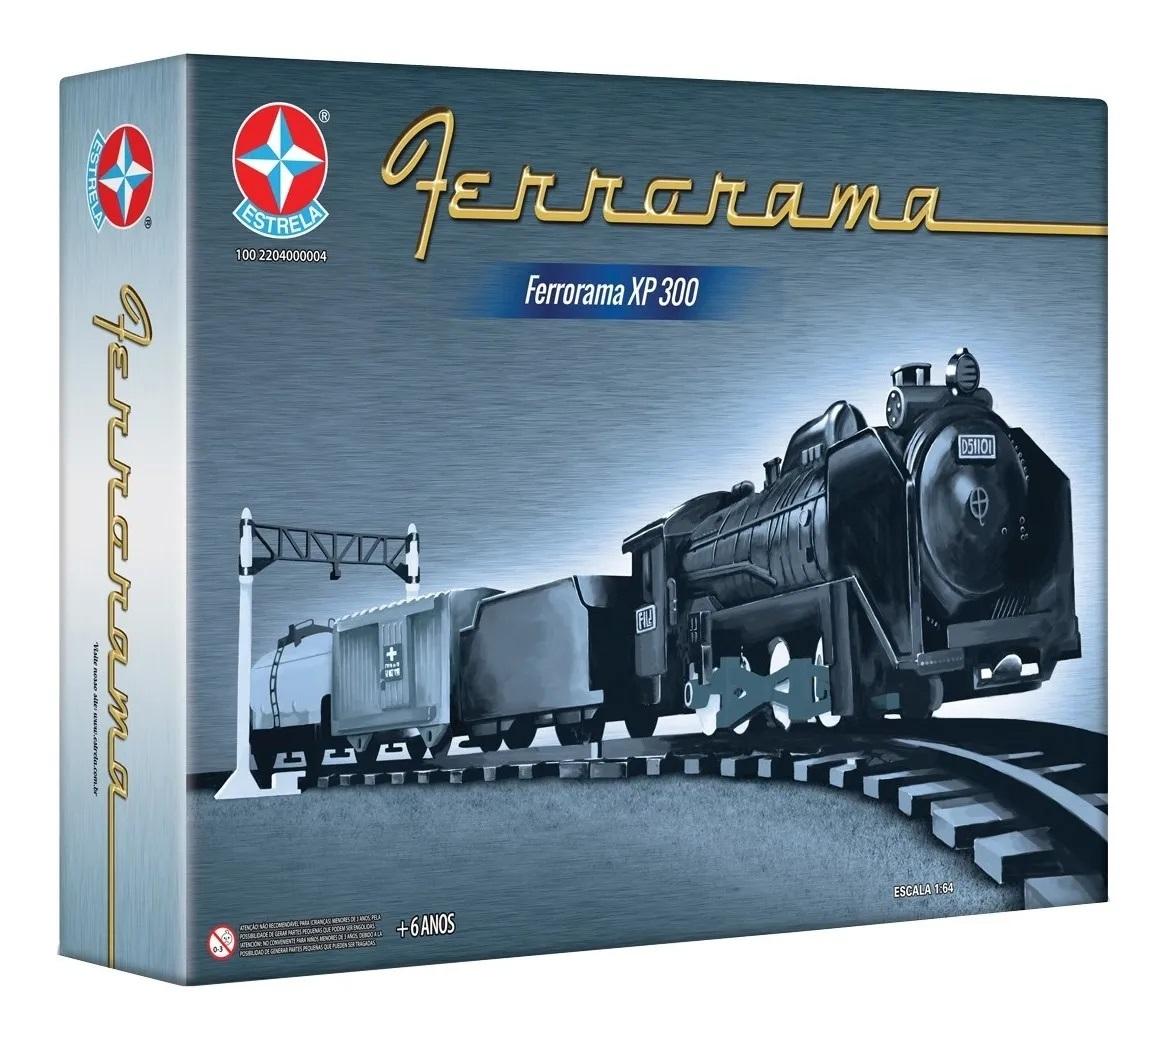 Ferrorama Estrela XP 300 Edição Comemorativa - Estrela